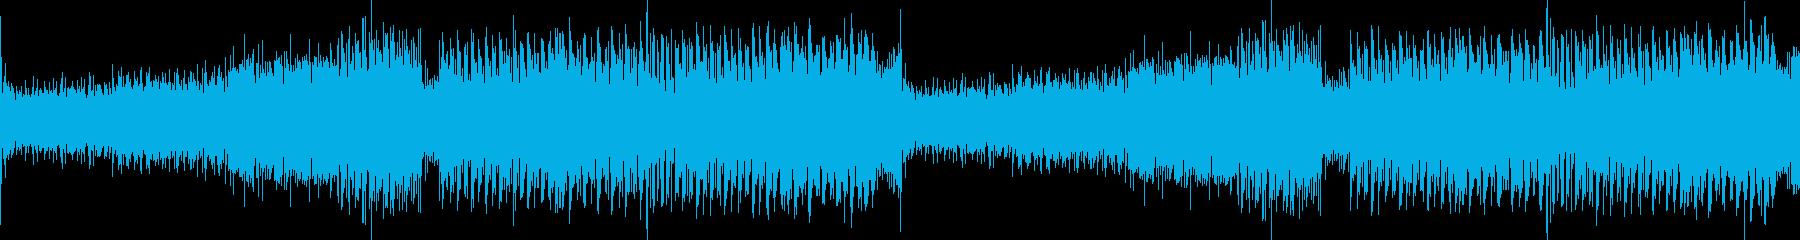 激しいエキサイティングオープニングEDMの再生済みの波形